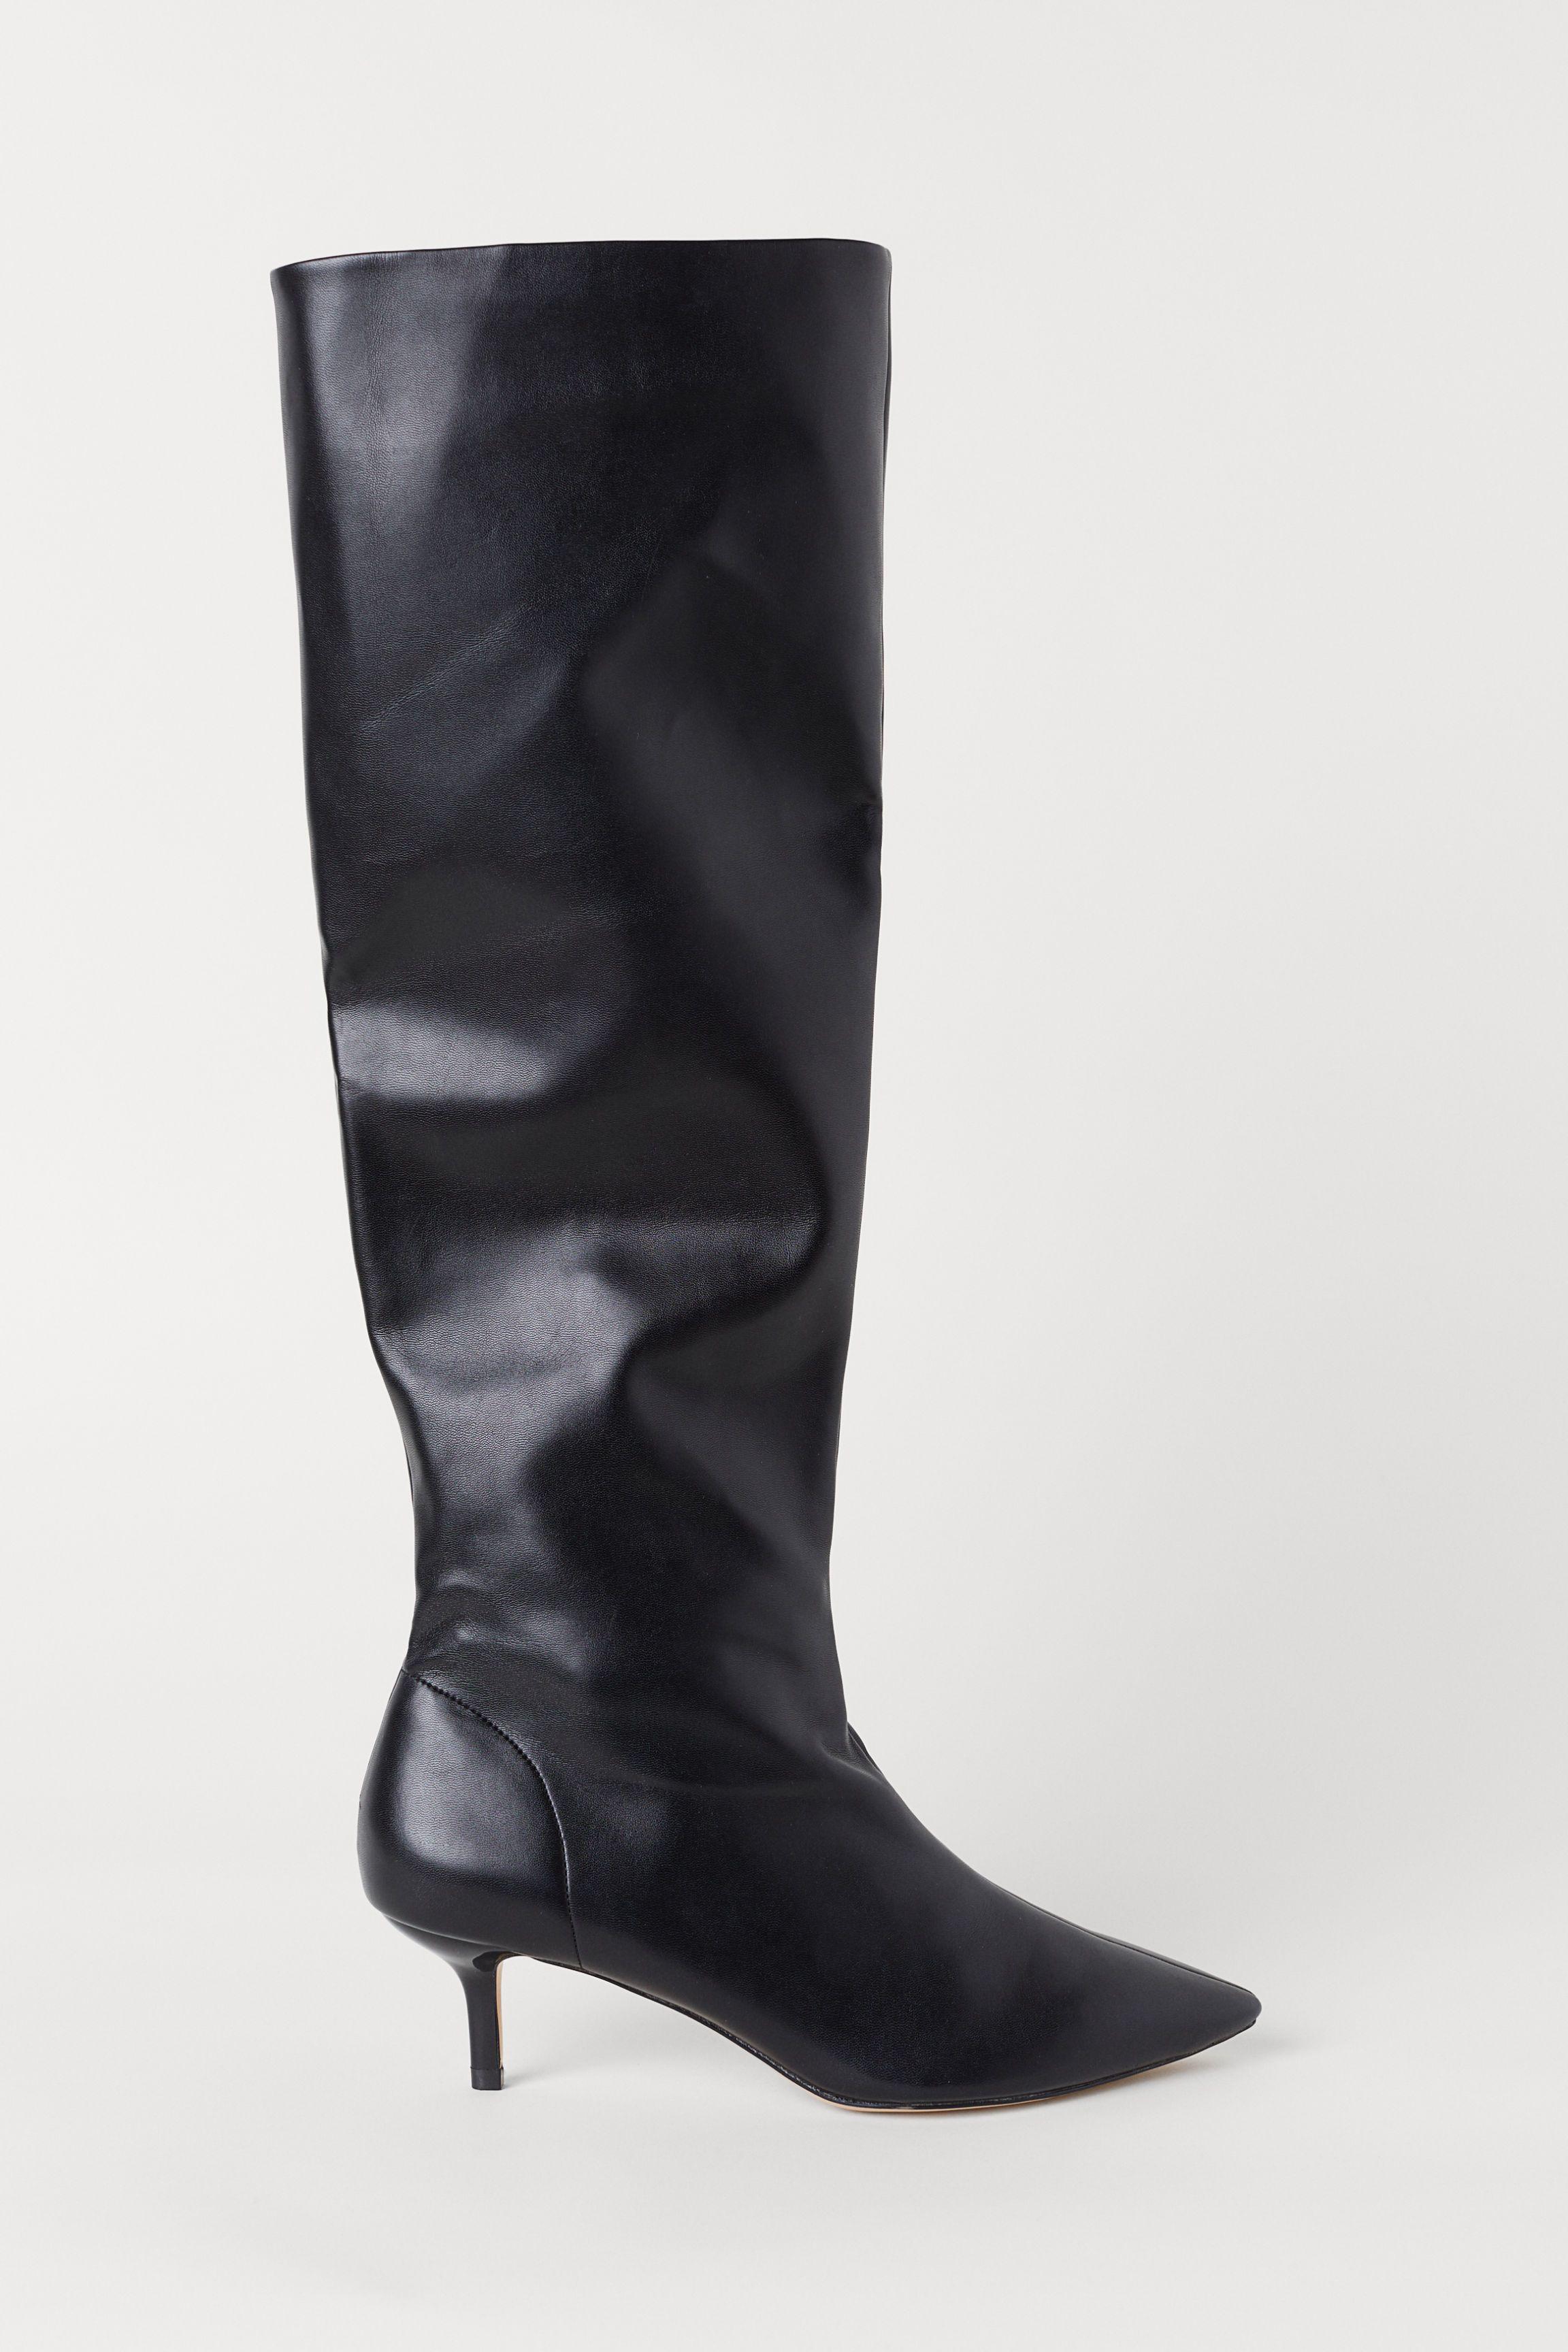 1c7bc24a4c75 15 Best Kitten Heel Boots for Women 2018 - Top Low Heel Booties to Shop